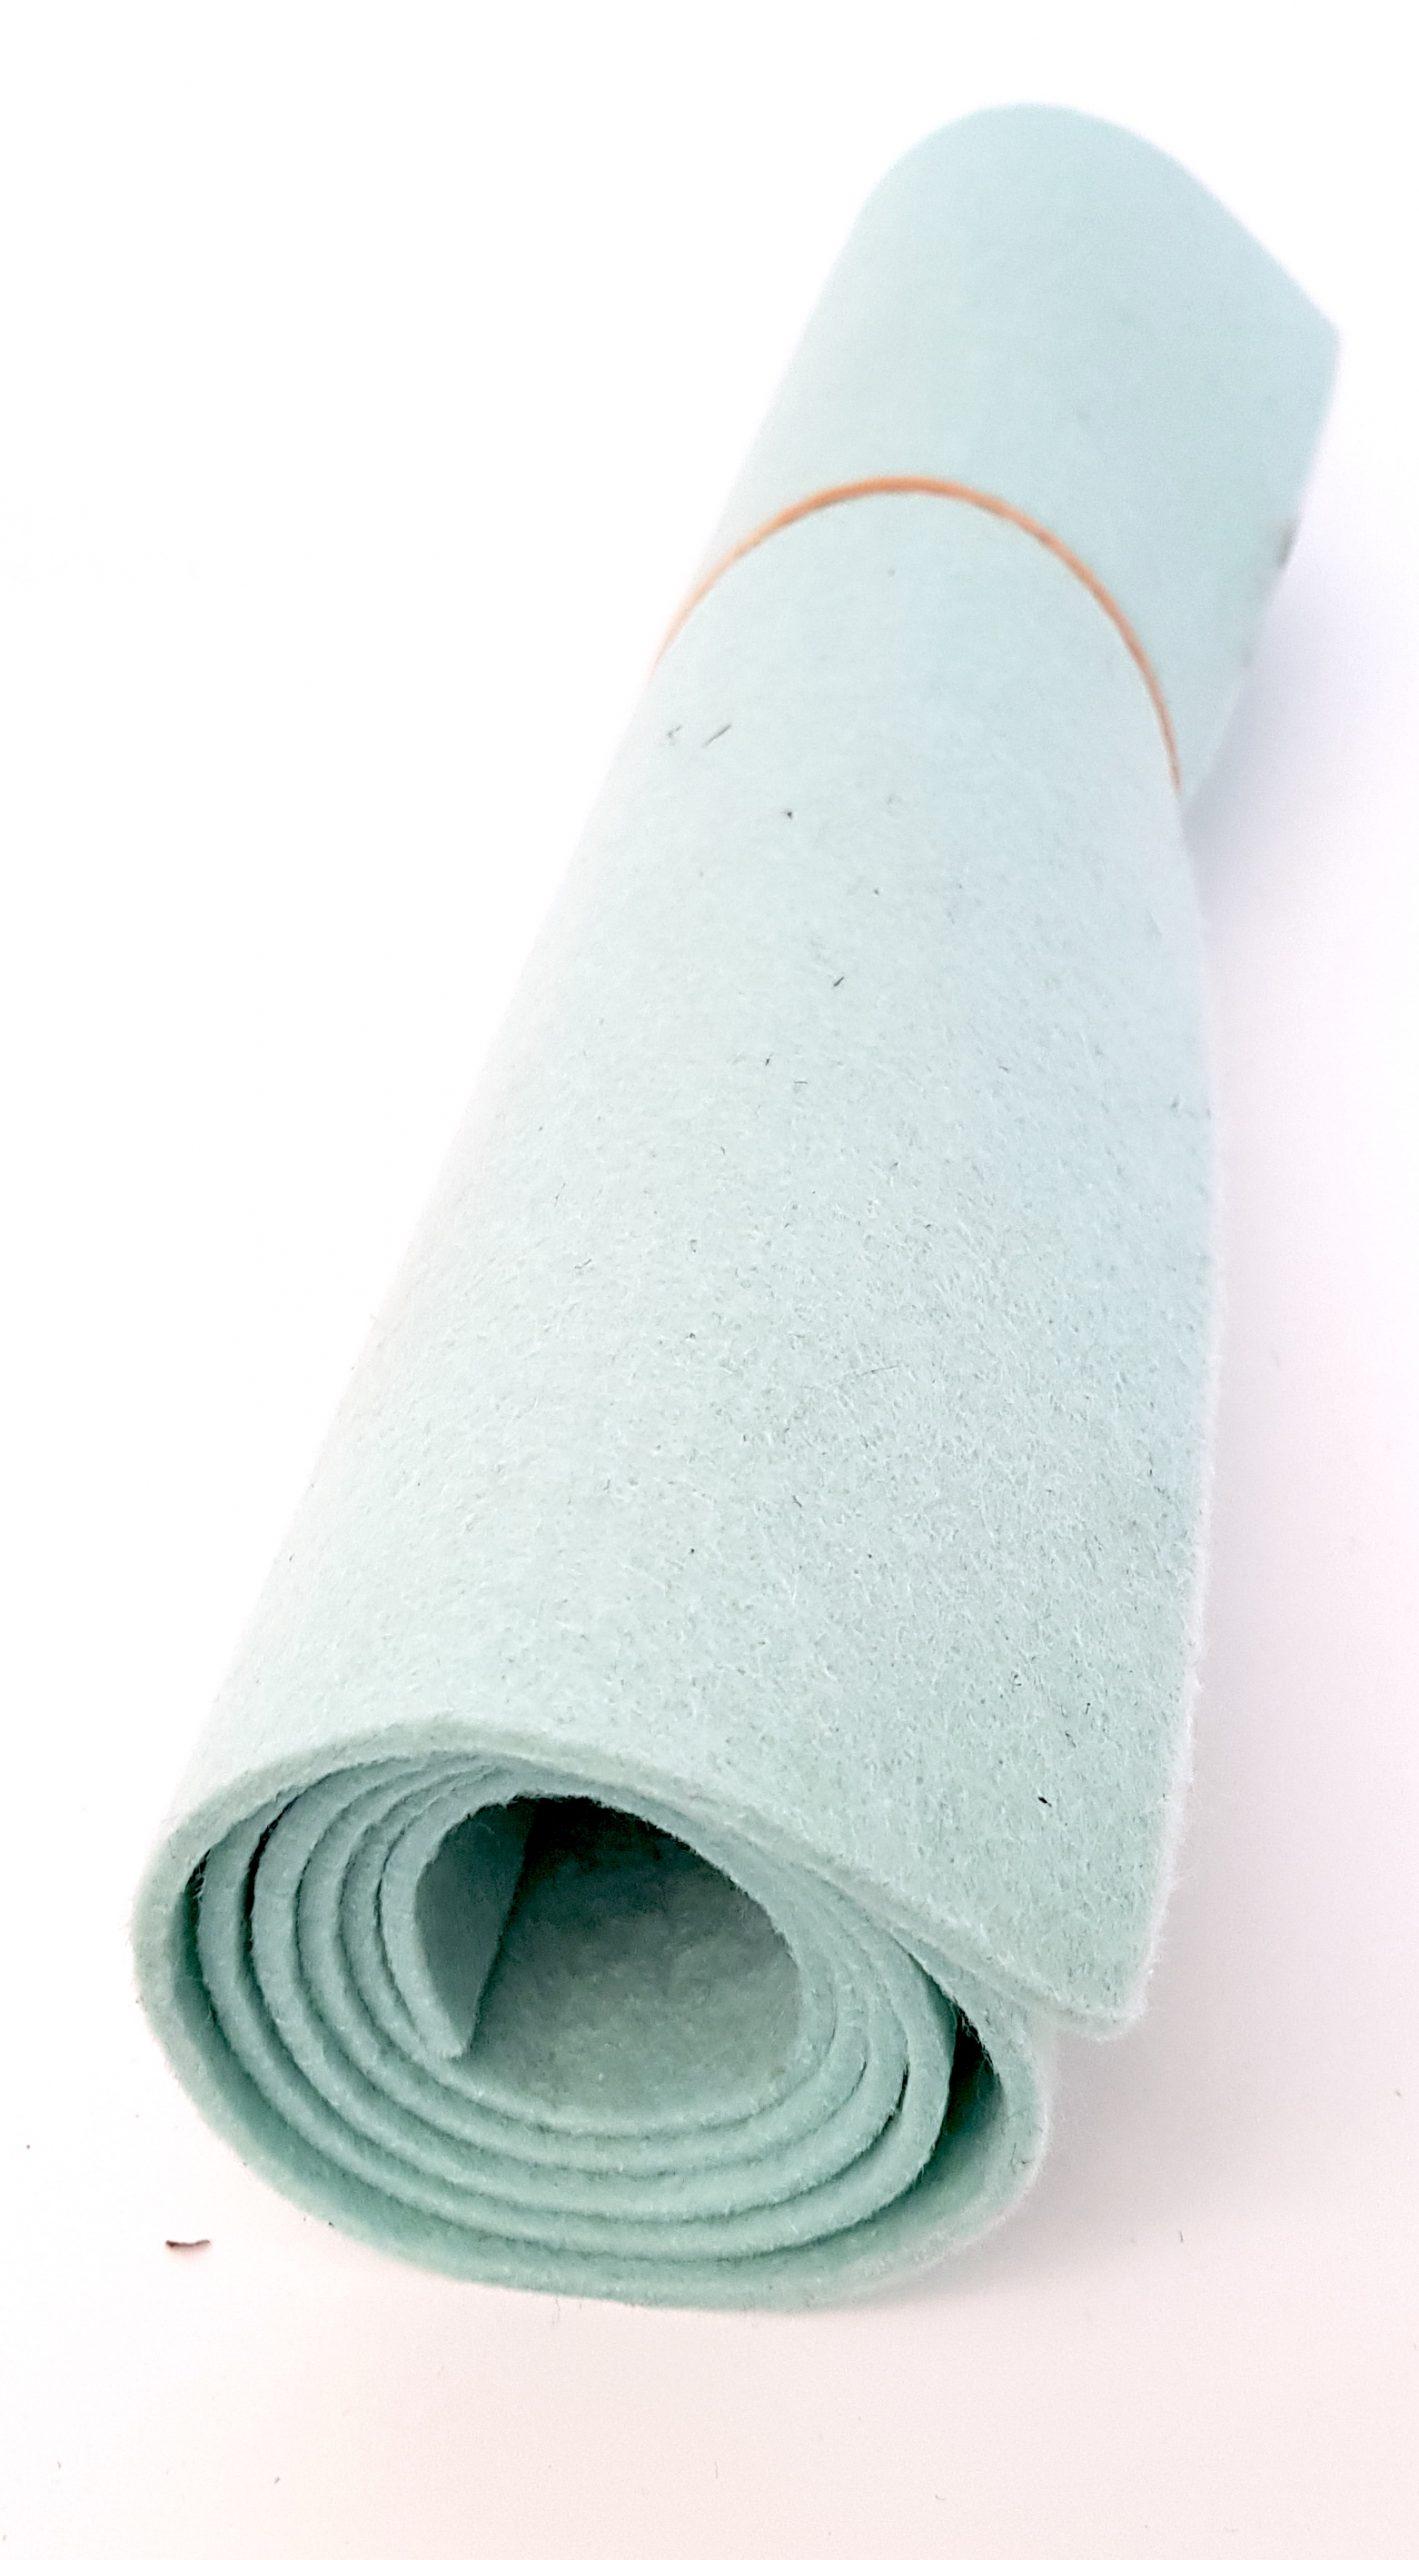 Mintgrünes Filz - Handgemachte individualisierbare Taschen, Körbe, Tischsets, Dekoartikel und mehr auf fideko.de der Onlineshop seit 2011